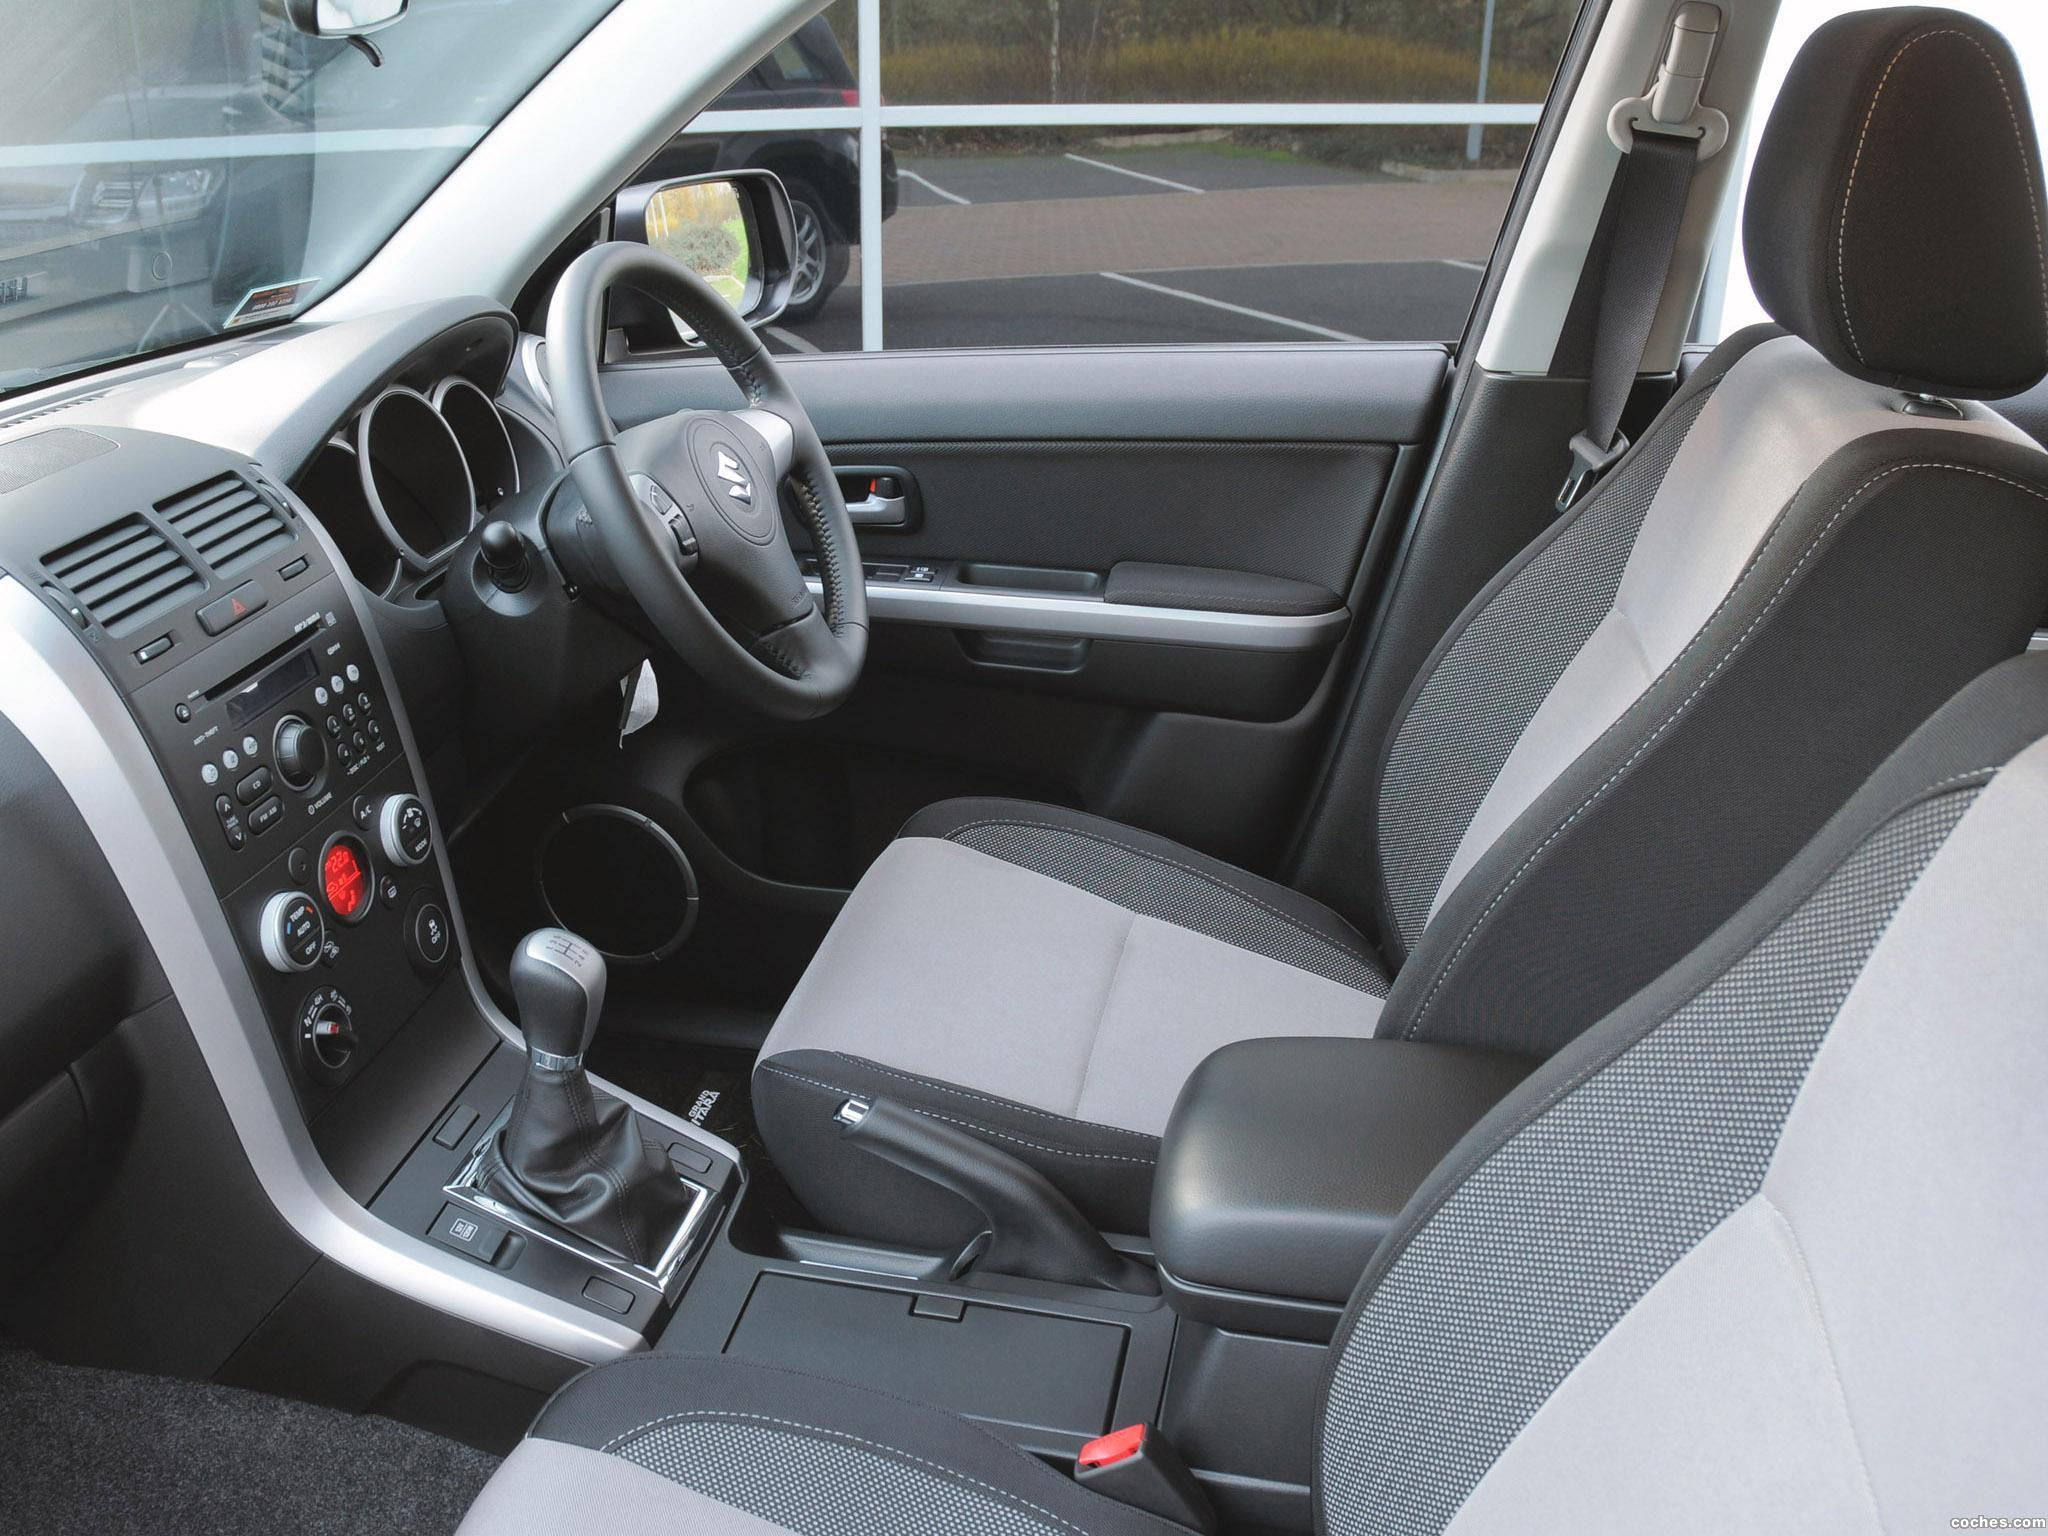 Foto 3 de Suzuki Grand Vitara SZ-T UK 2012